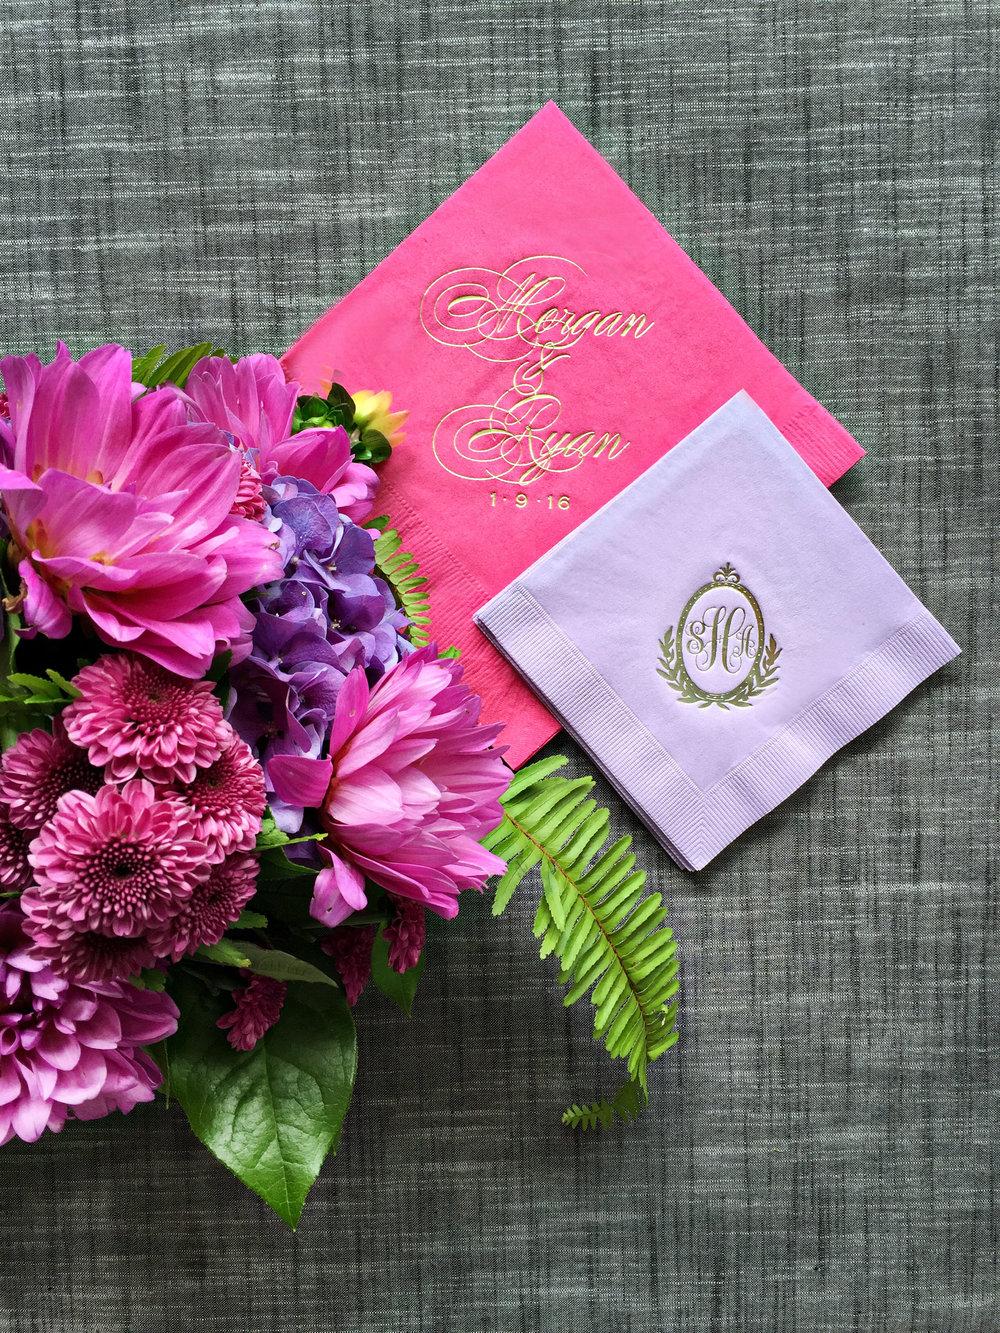 NN_Flowers_HautePapier.jpg